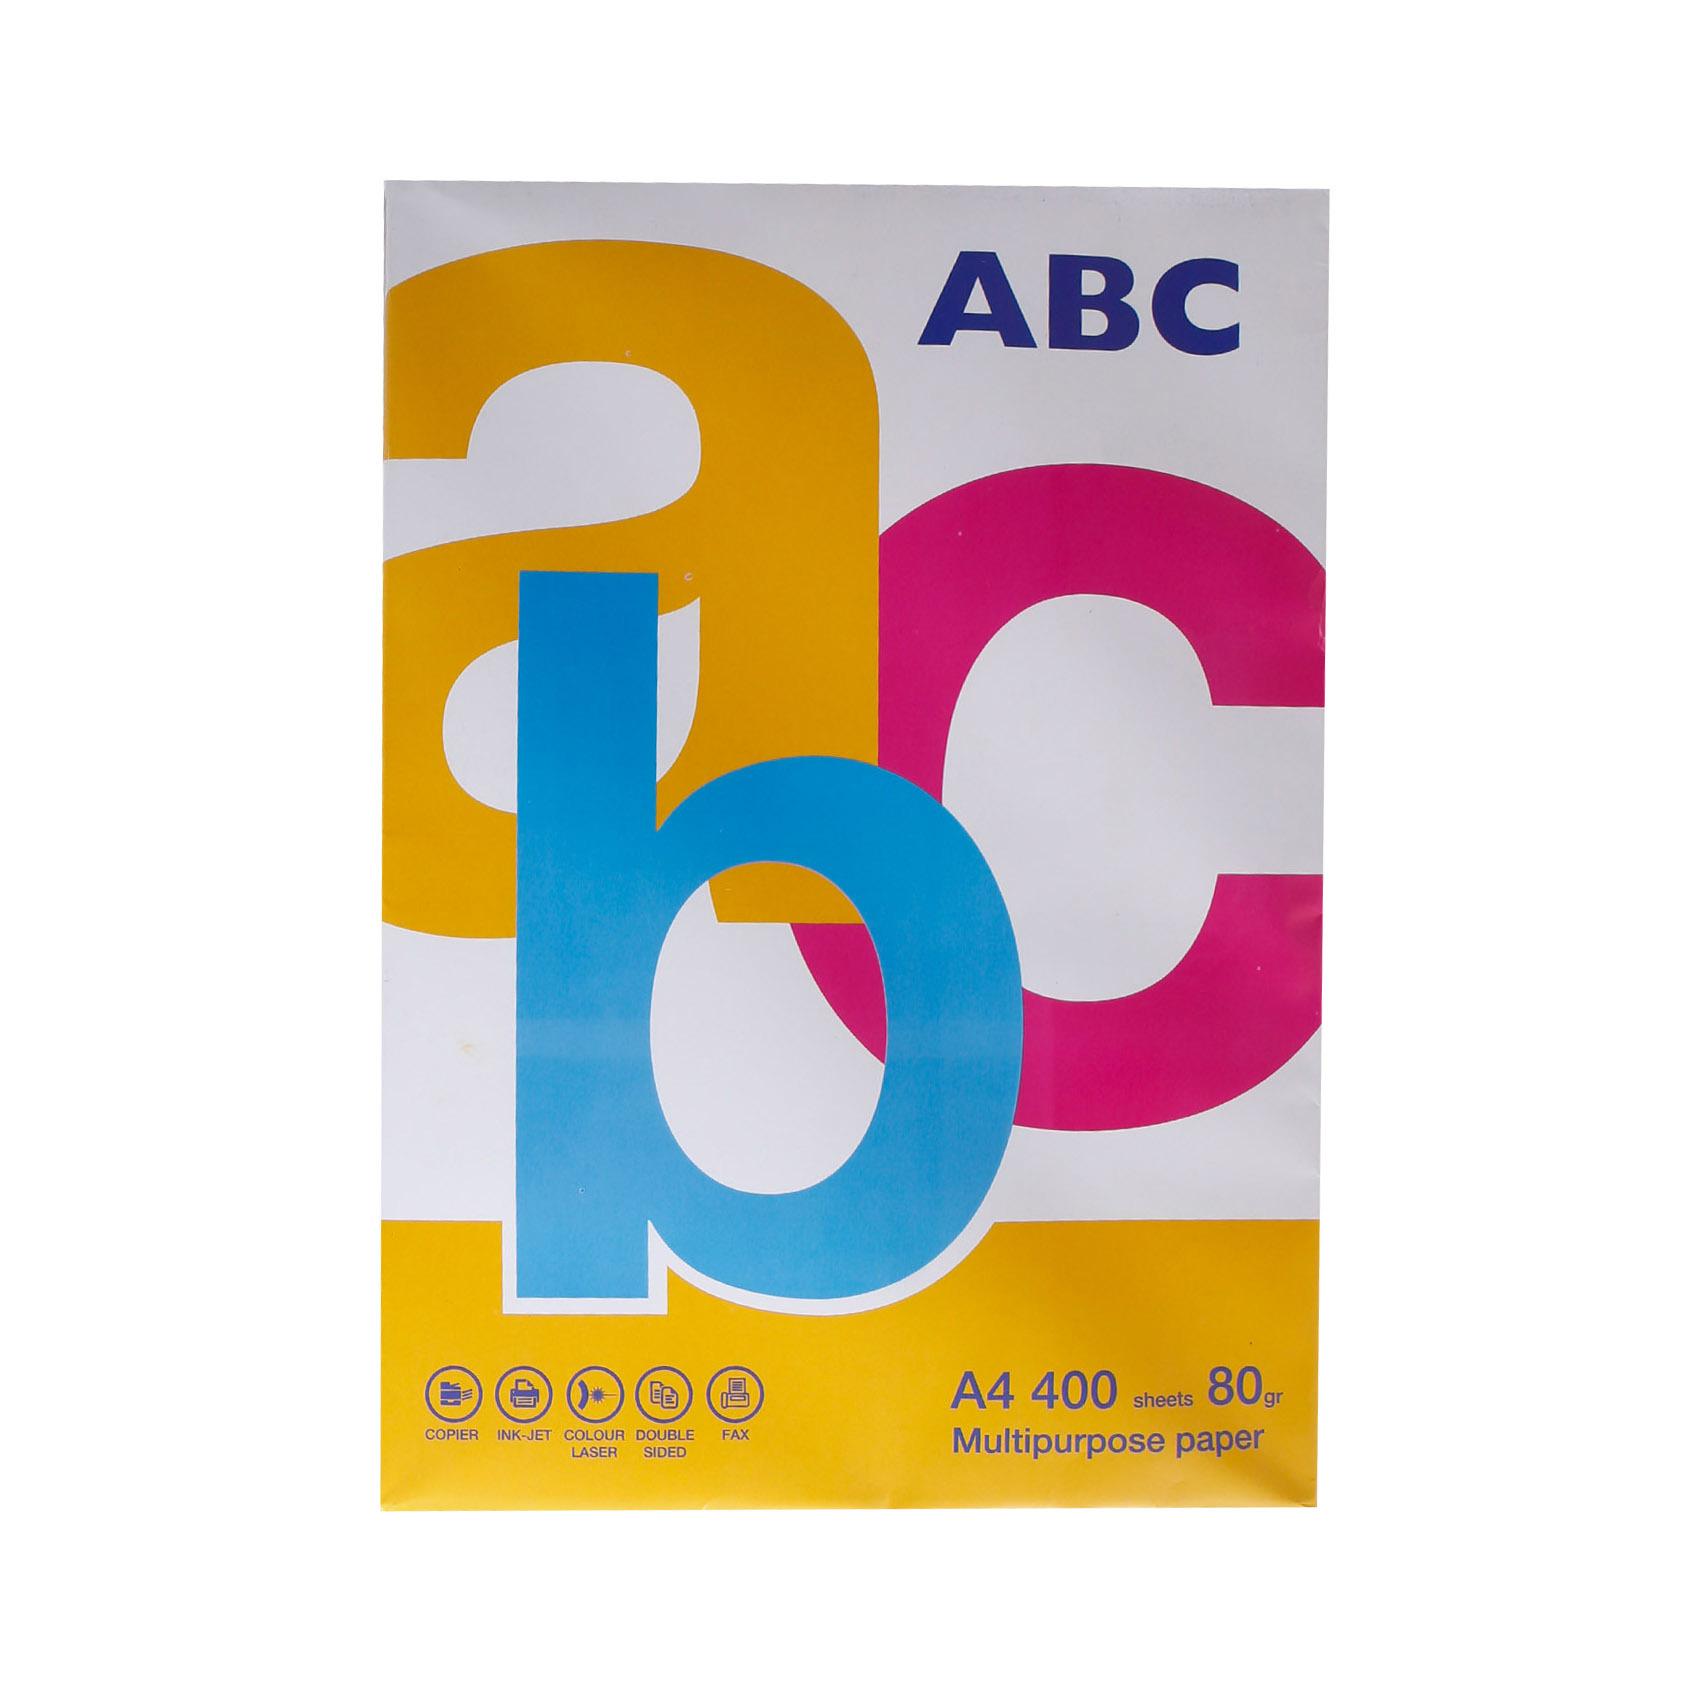 ABC PAPER A4 80 GRAM 400 SHEET